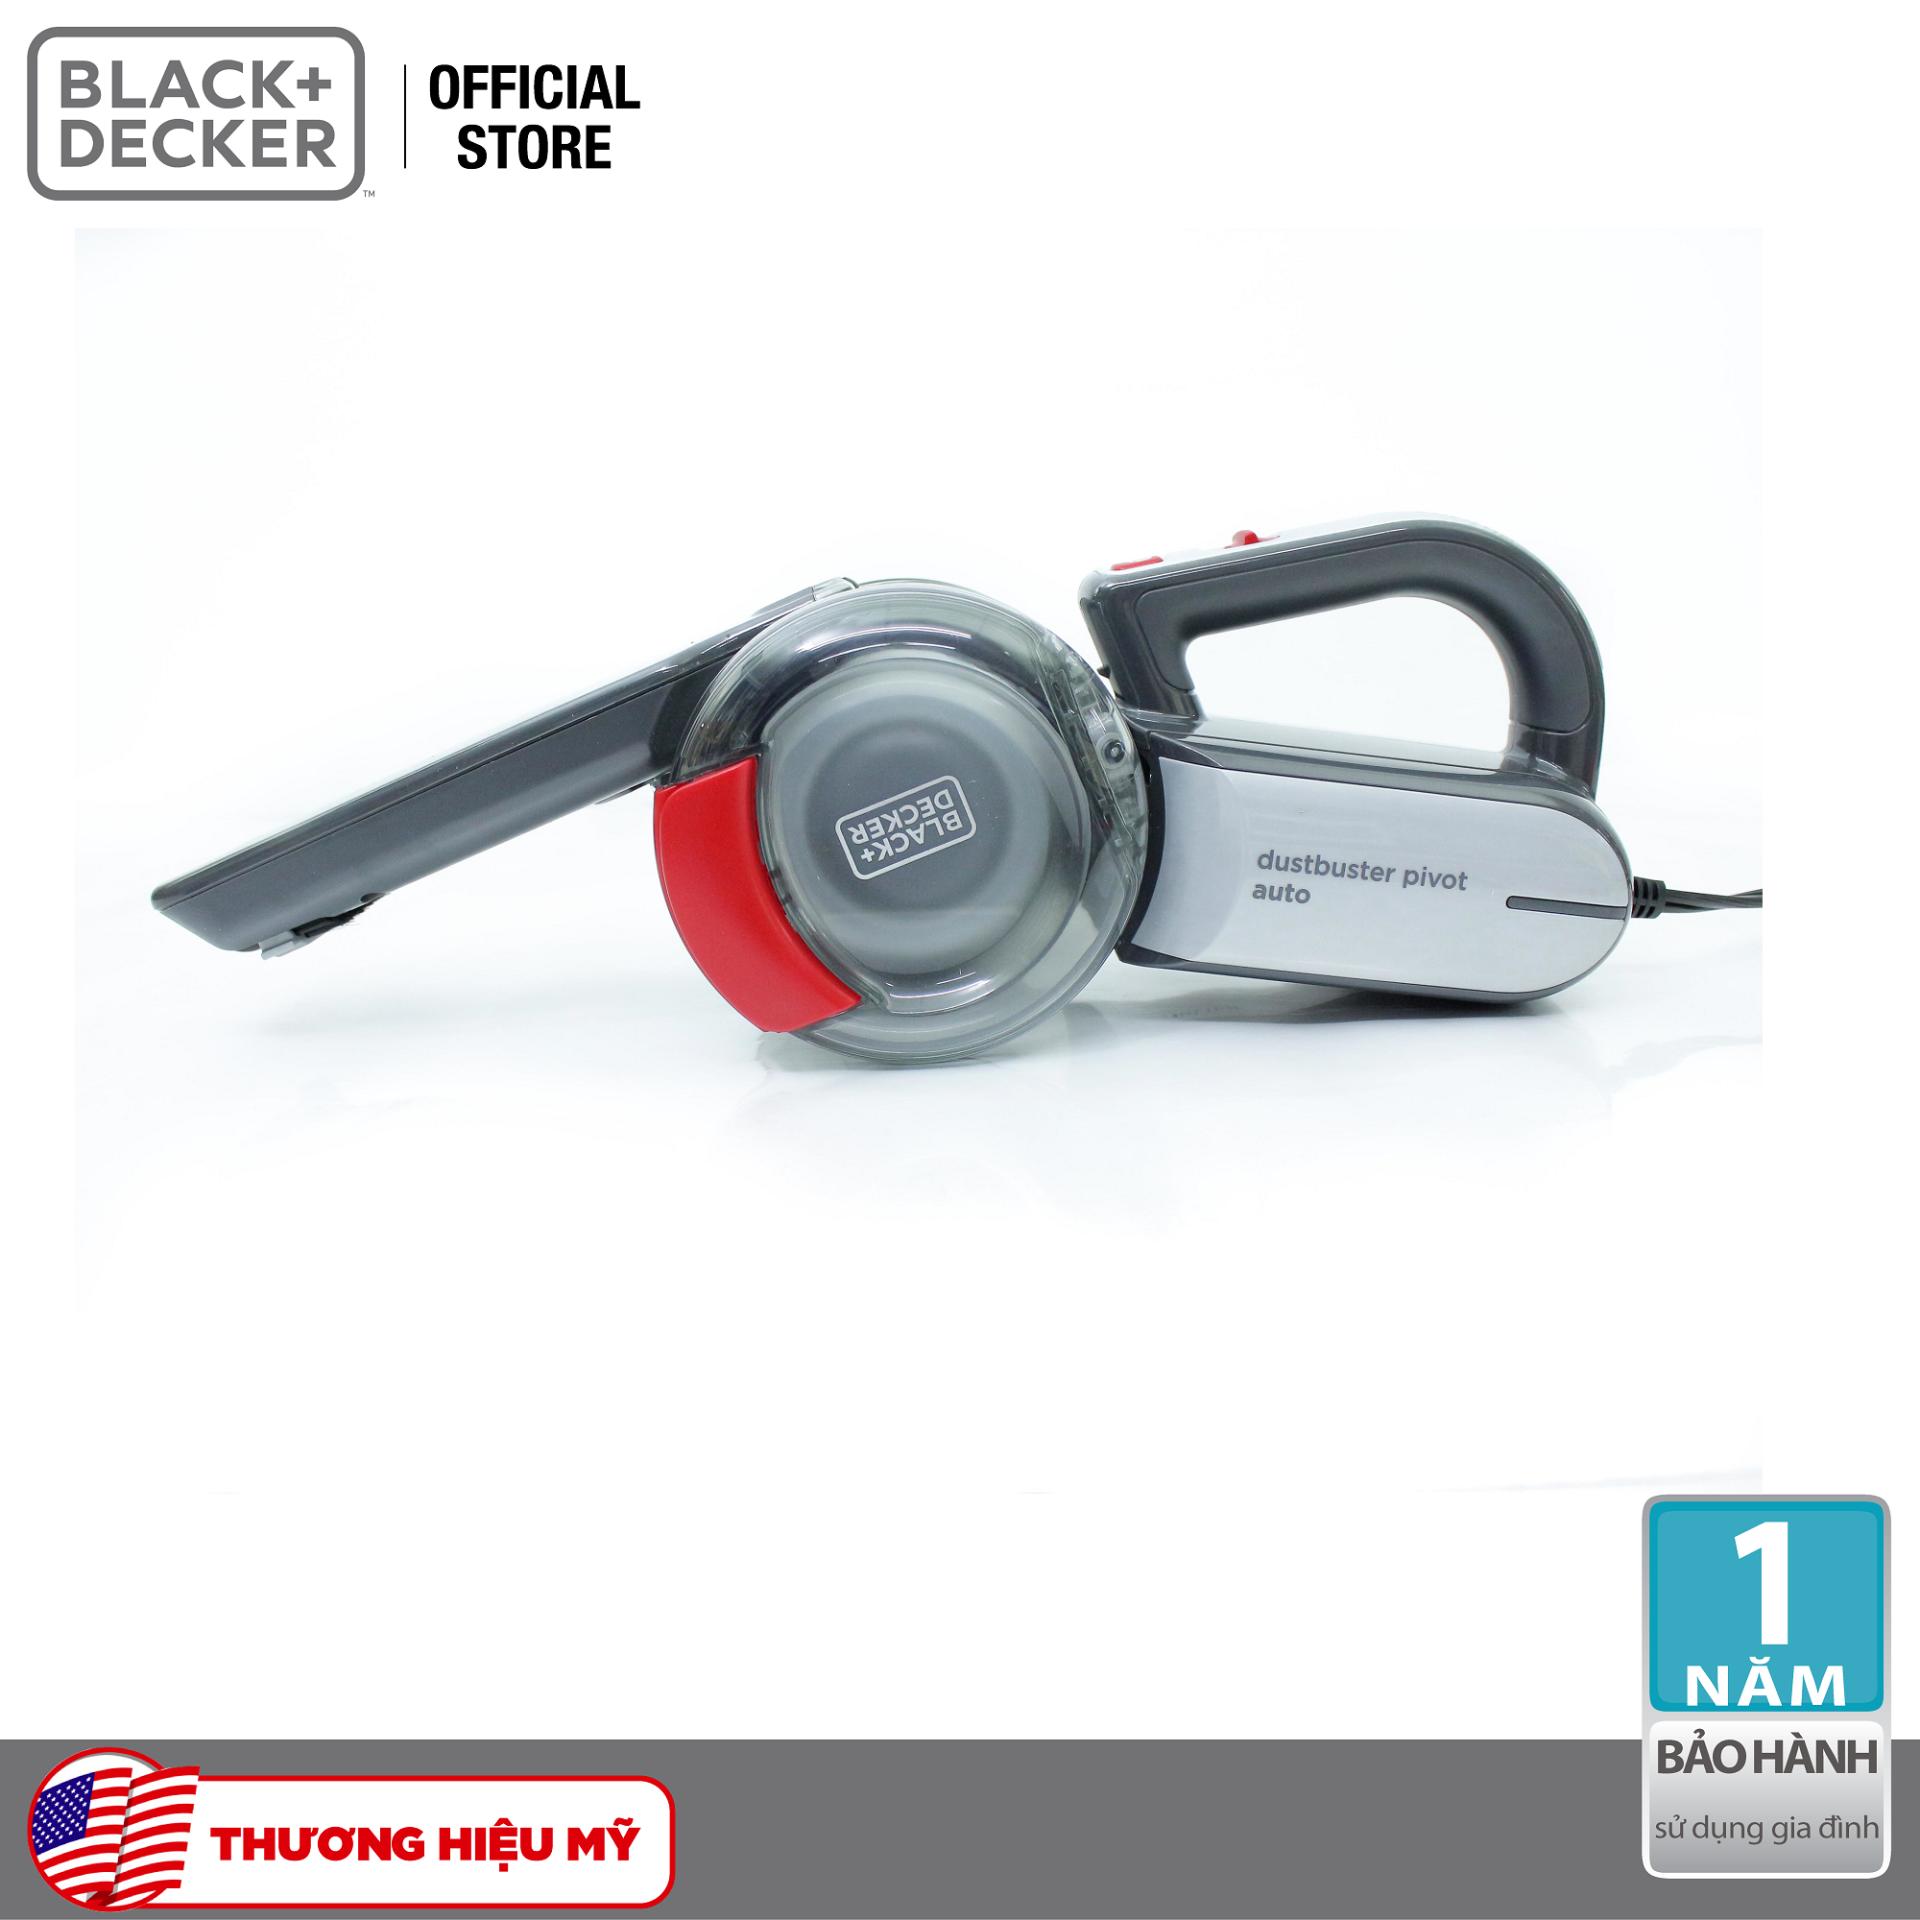 Máy hút bụi ô tô cầm tay 12V Black & Decker PV1200AV-B1